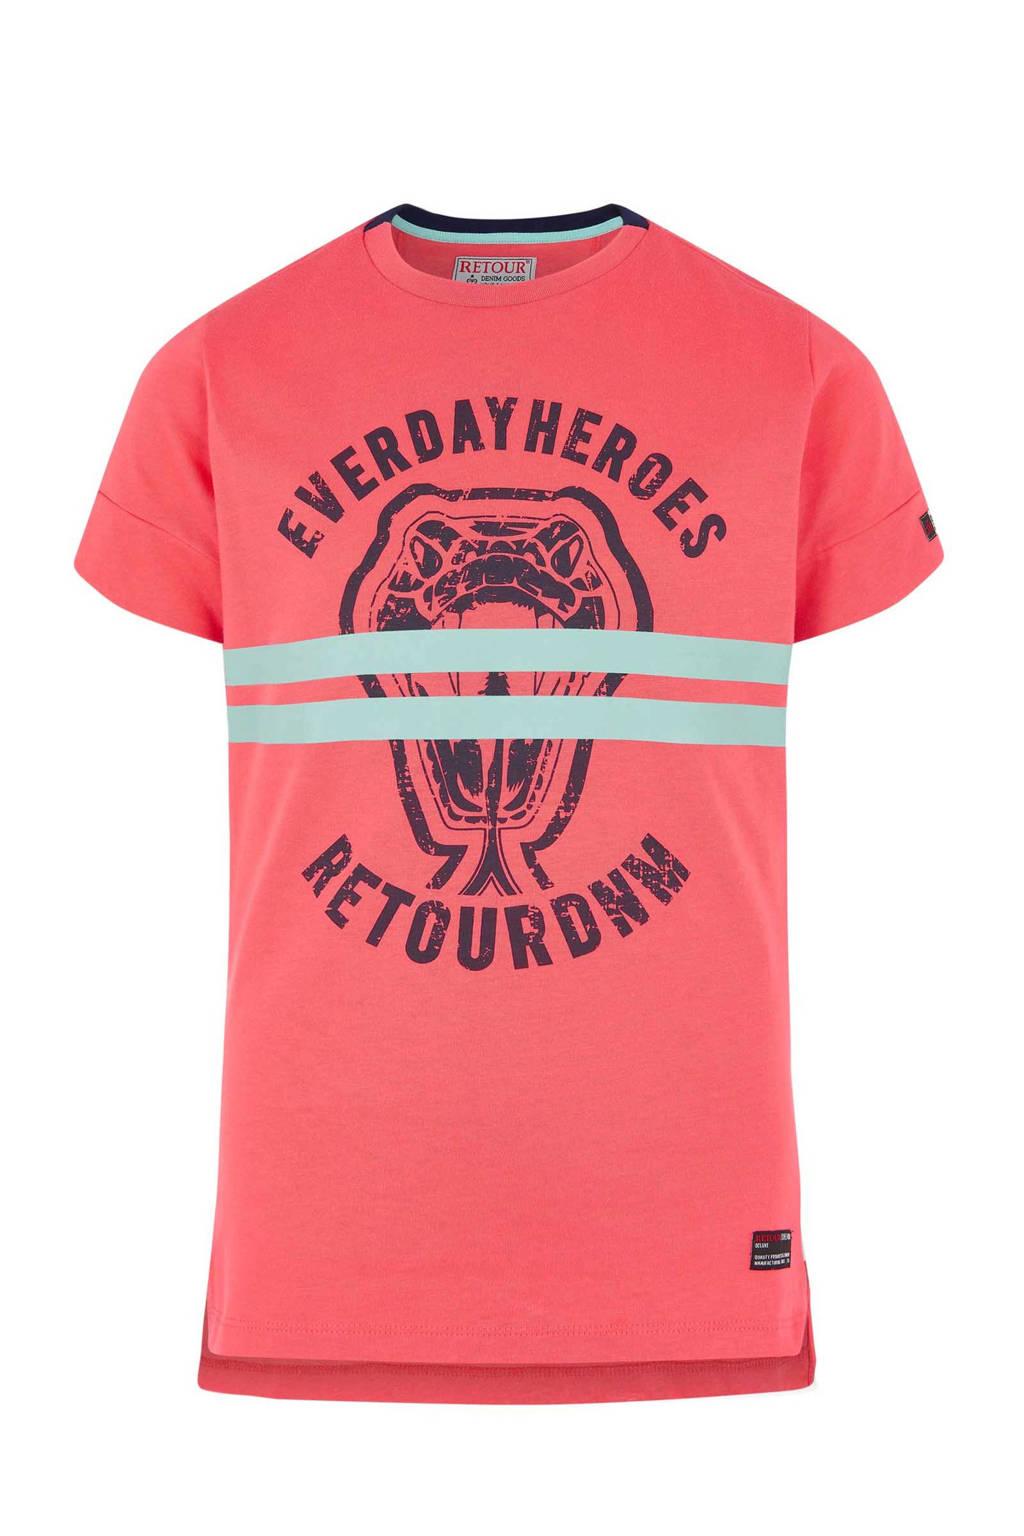 Retour Denim T-shirt met print Massimo donkerroze, Donkerroze